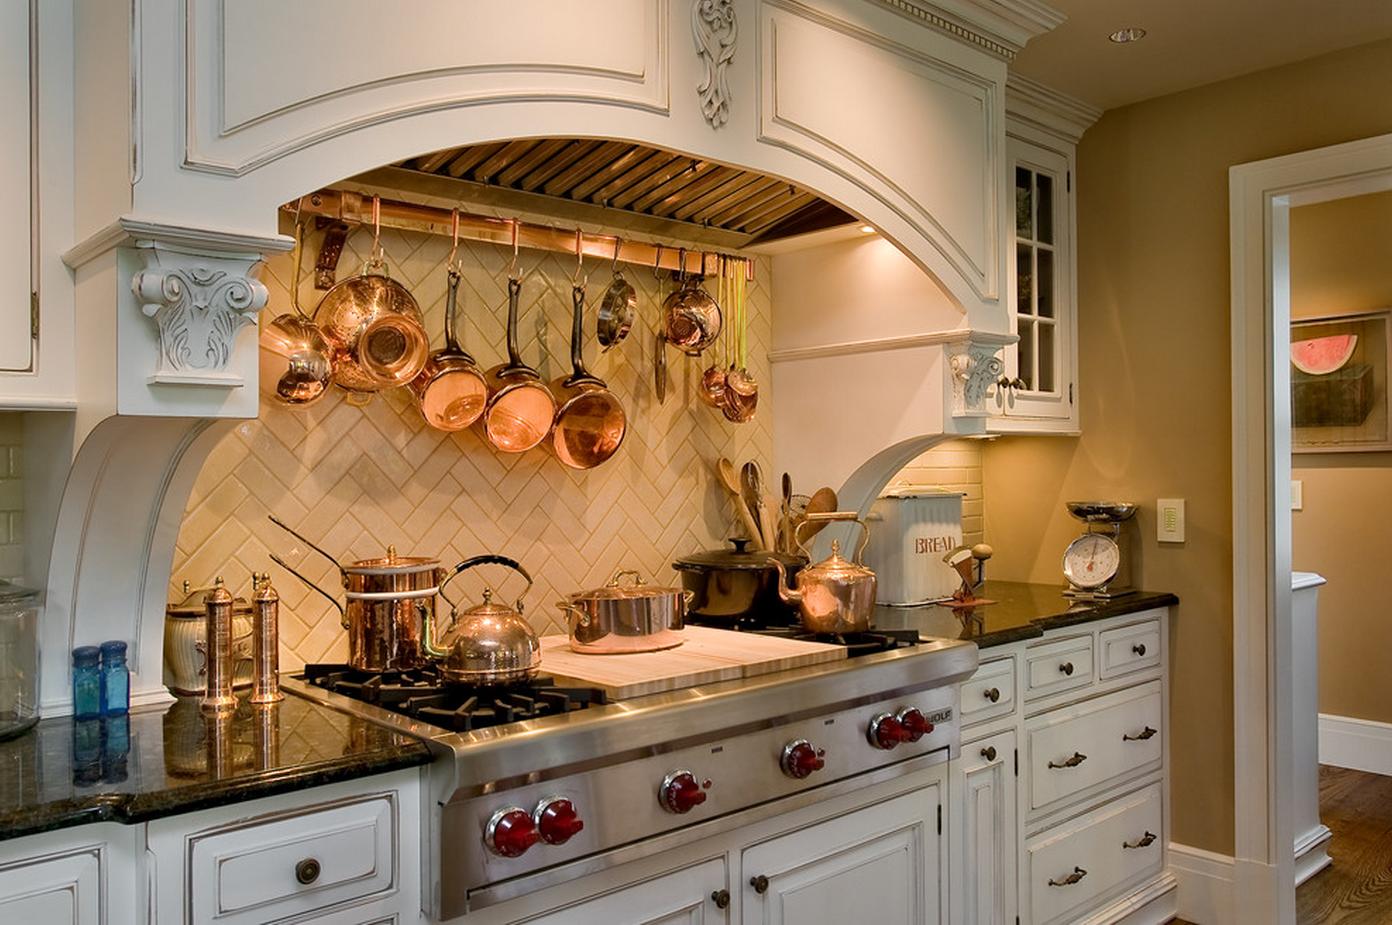 109Интерьер кухни с посудой